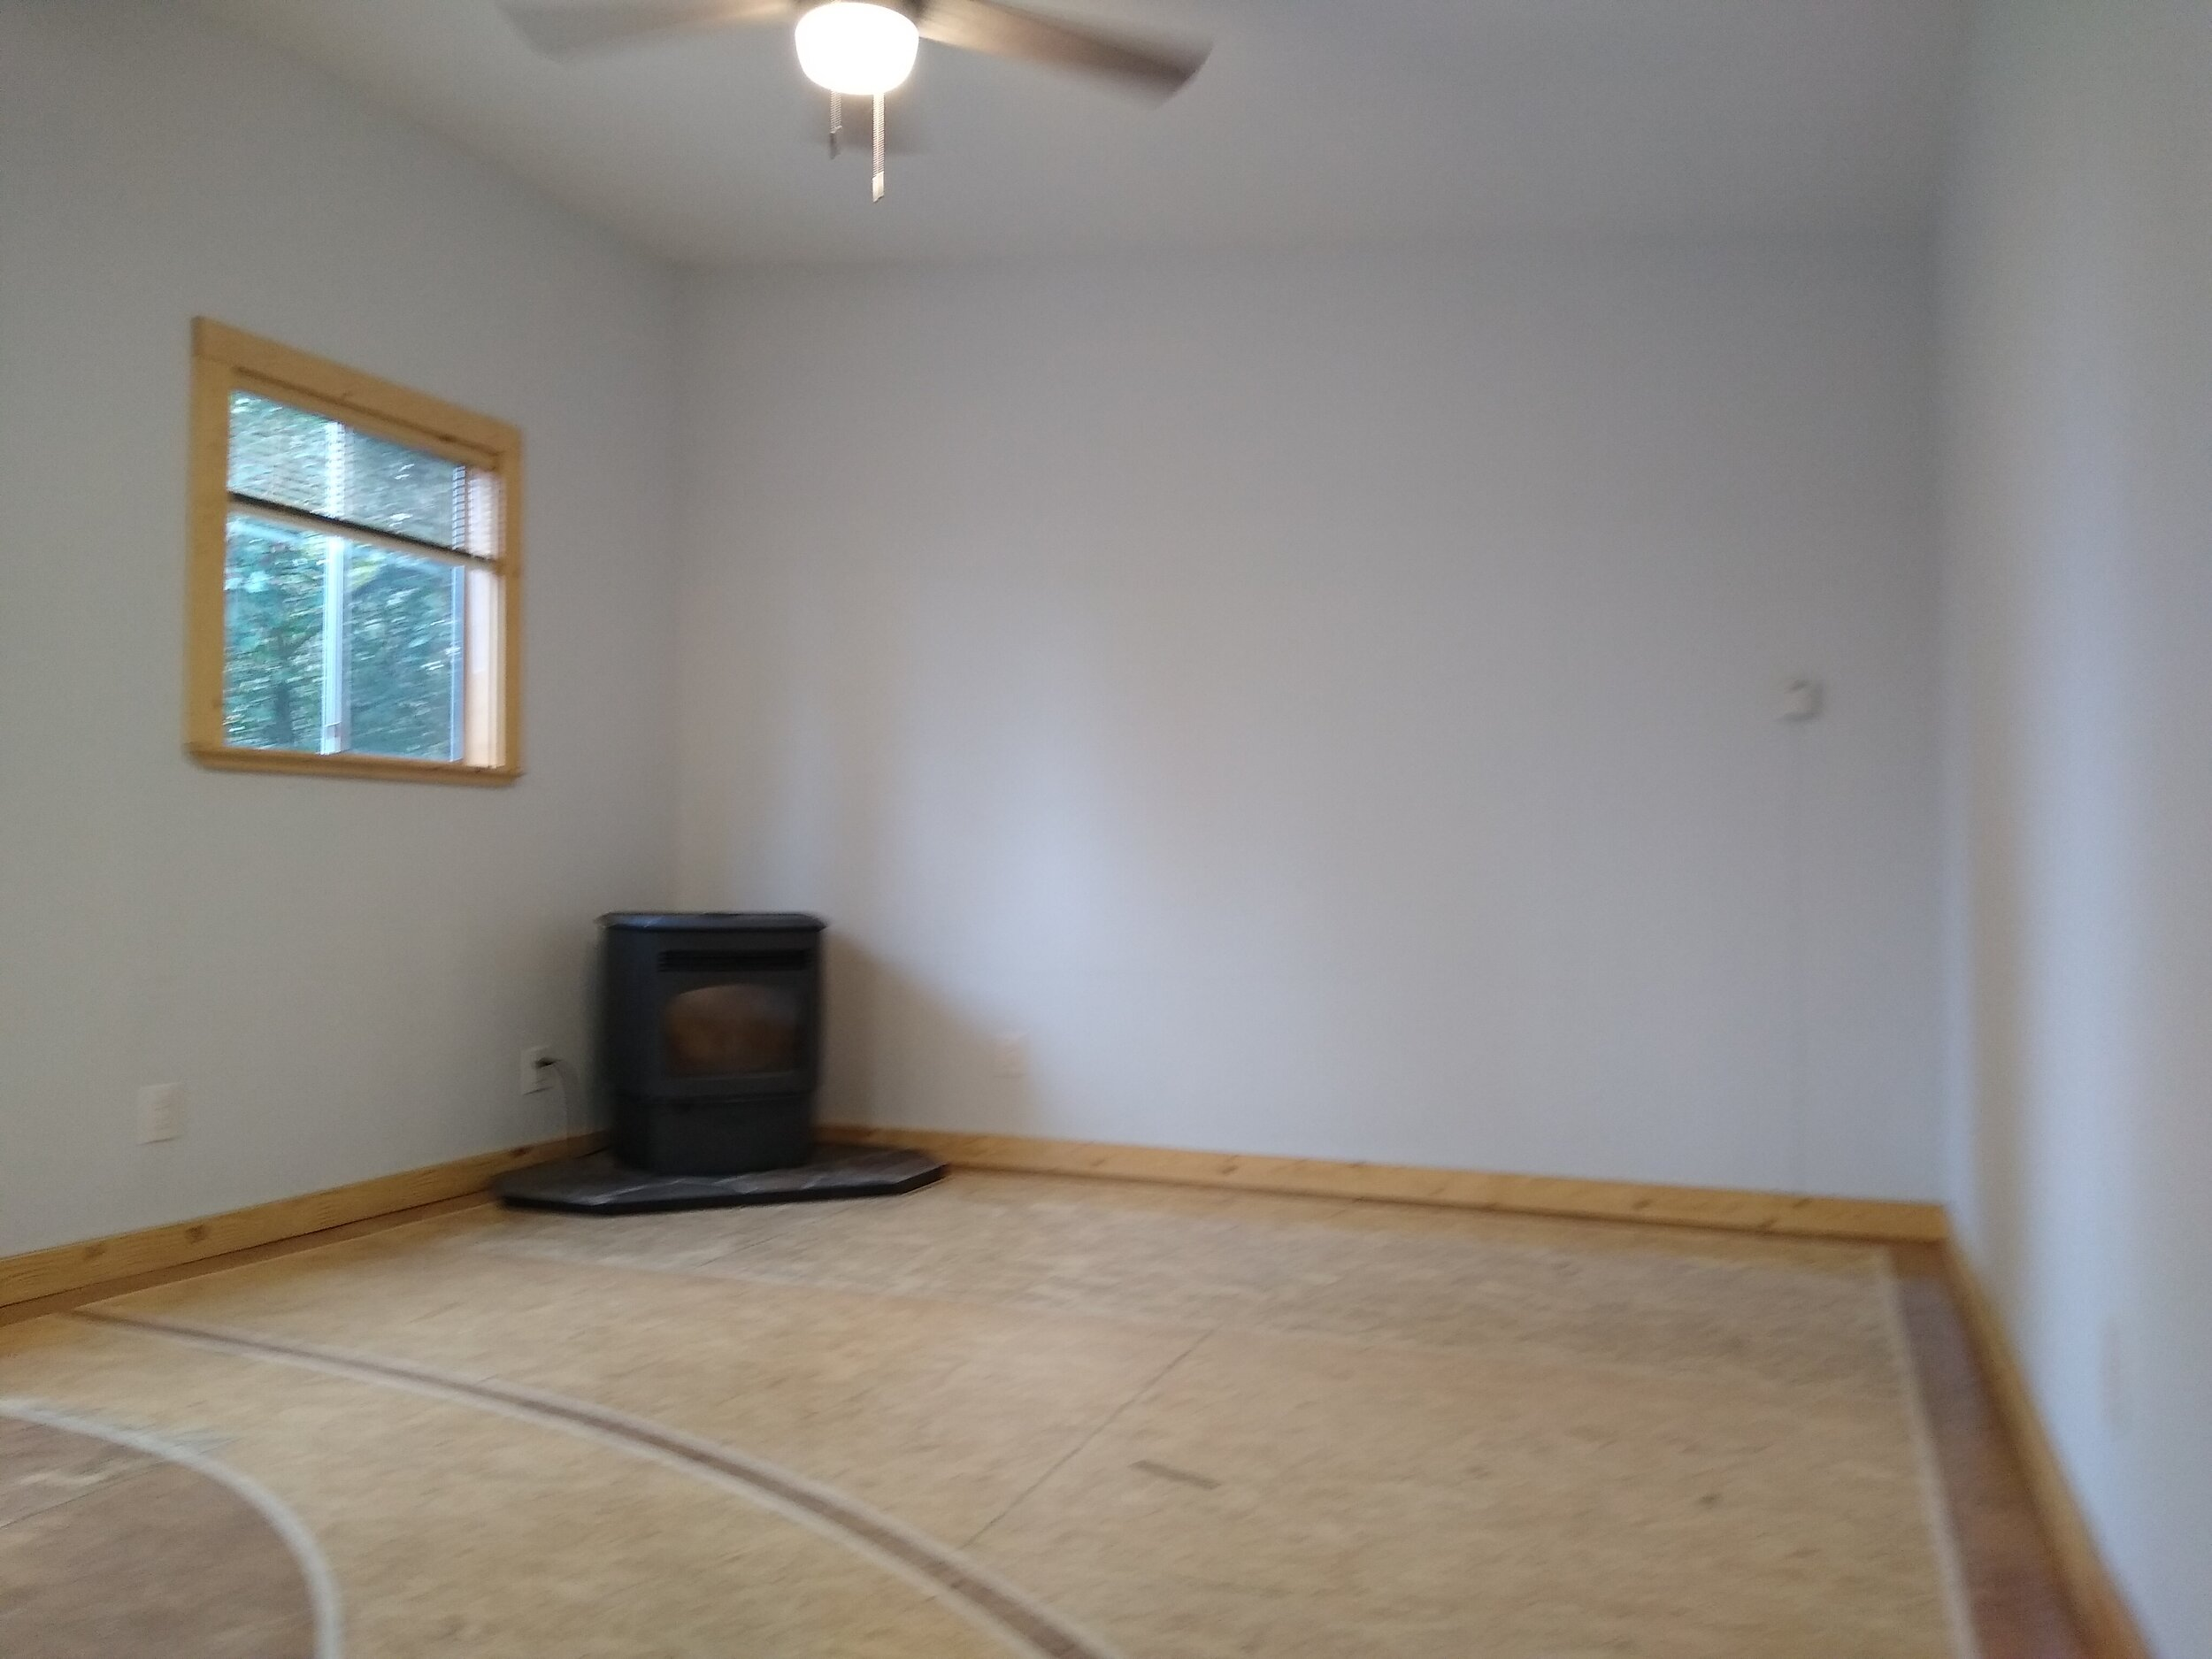 331 mcclaine 1 bedroom (9).jpg